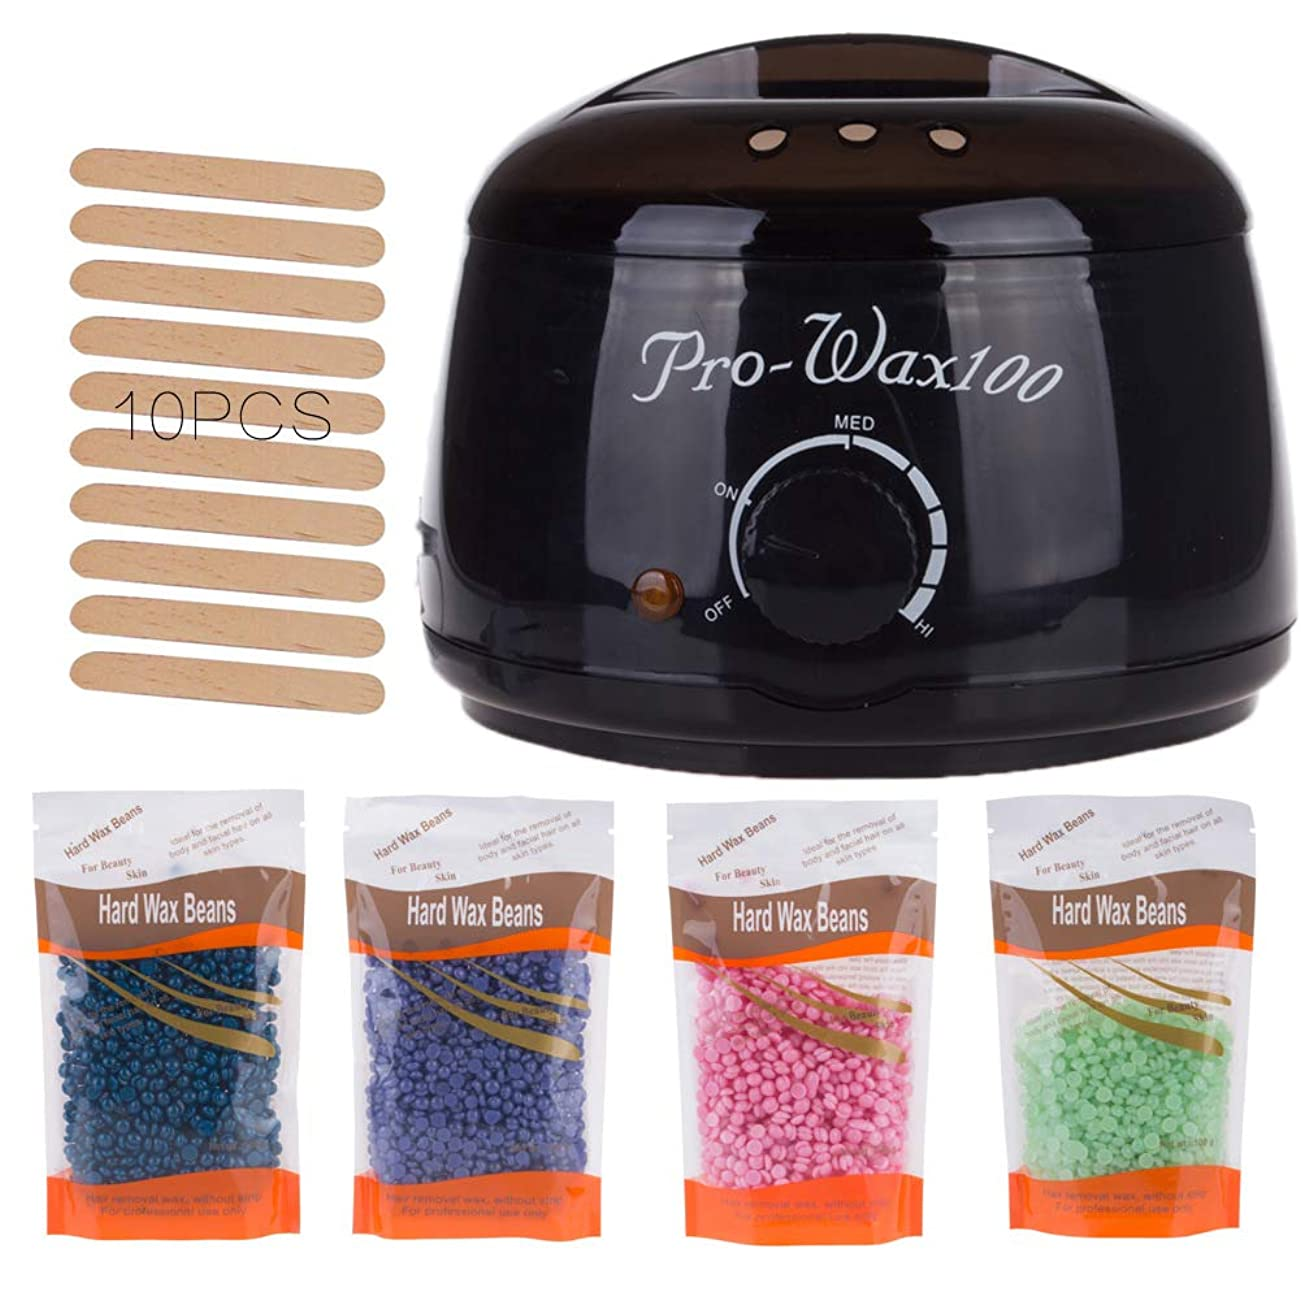 クリスマスライター道徳教育Lzxメルトワックス暖かい脱毛家庭用ワックスキット電気炊飯器ヒーター速いワックスがけ本体、顔、ビキニエリア、足に4種類のハードワックスと10種類のワックスアプリケータースクレーパーがあります,Black